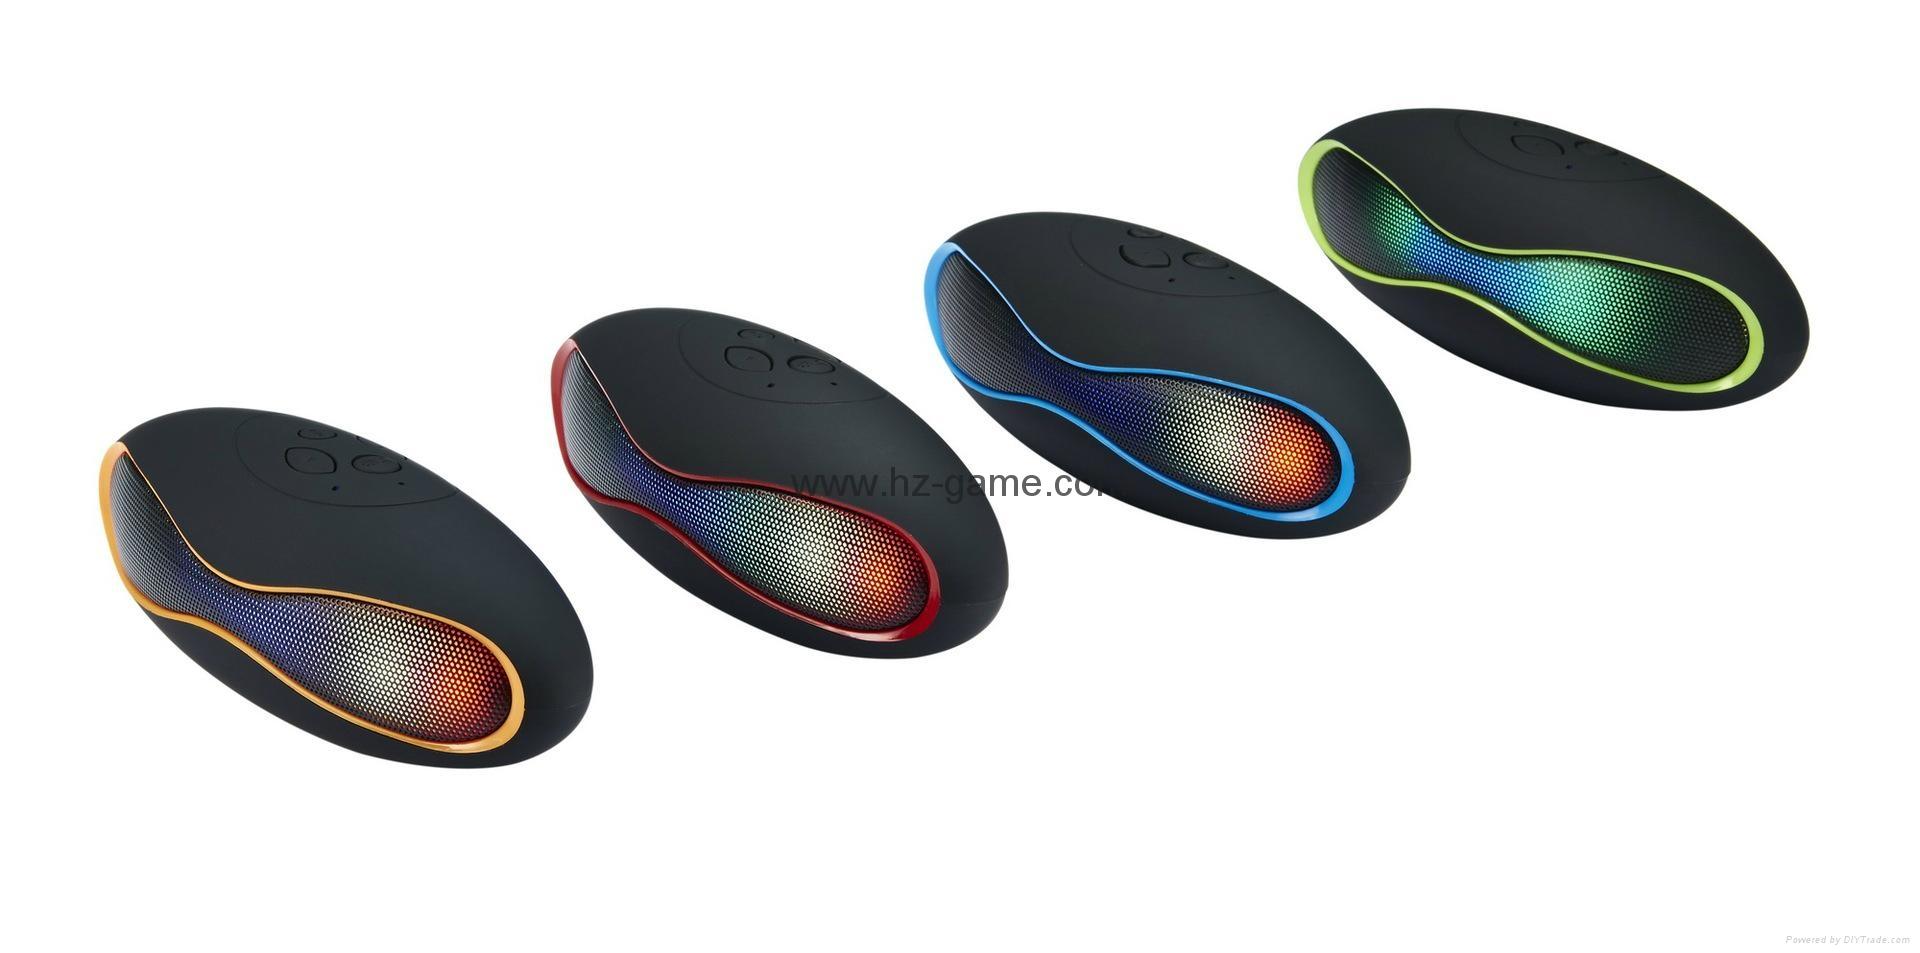 新款X6小橄榄球带灯LED蓝牙音箱发光玄幻音响无线迷你蓝牙低音炮 1